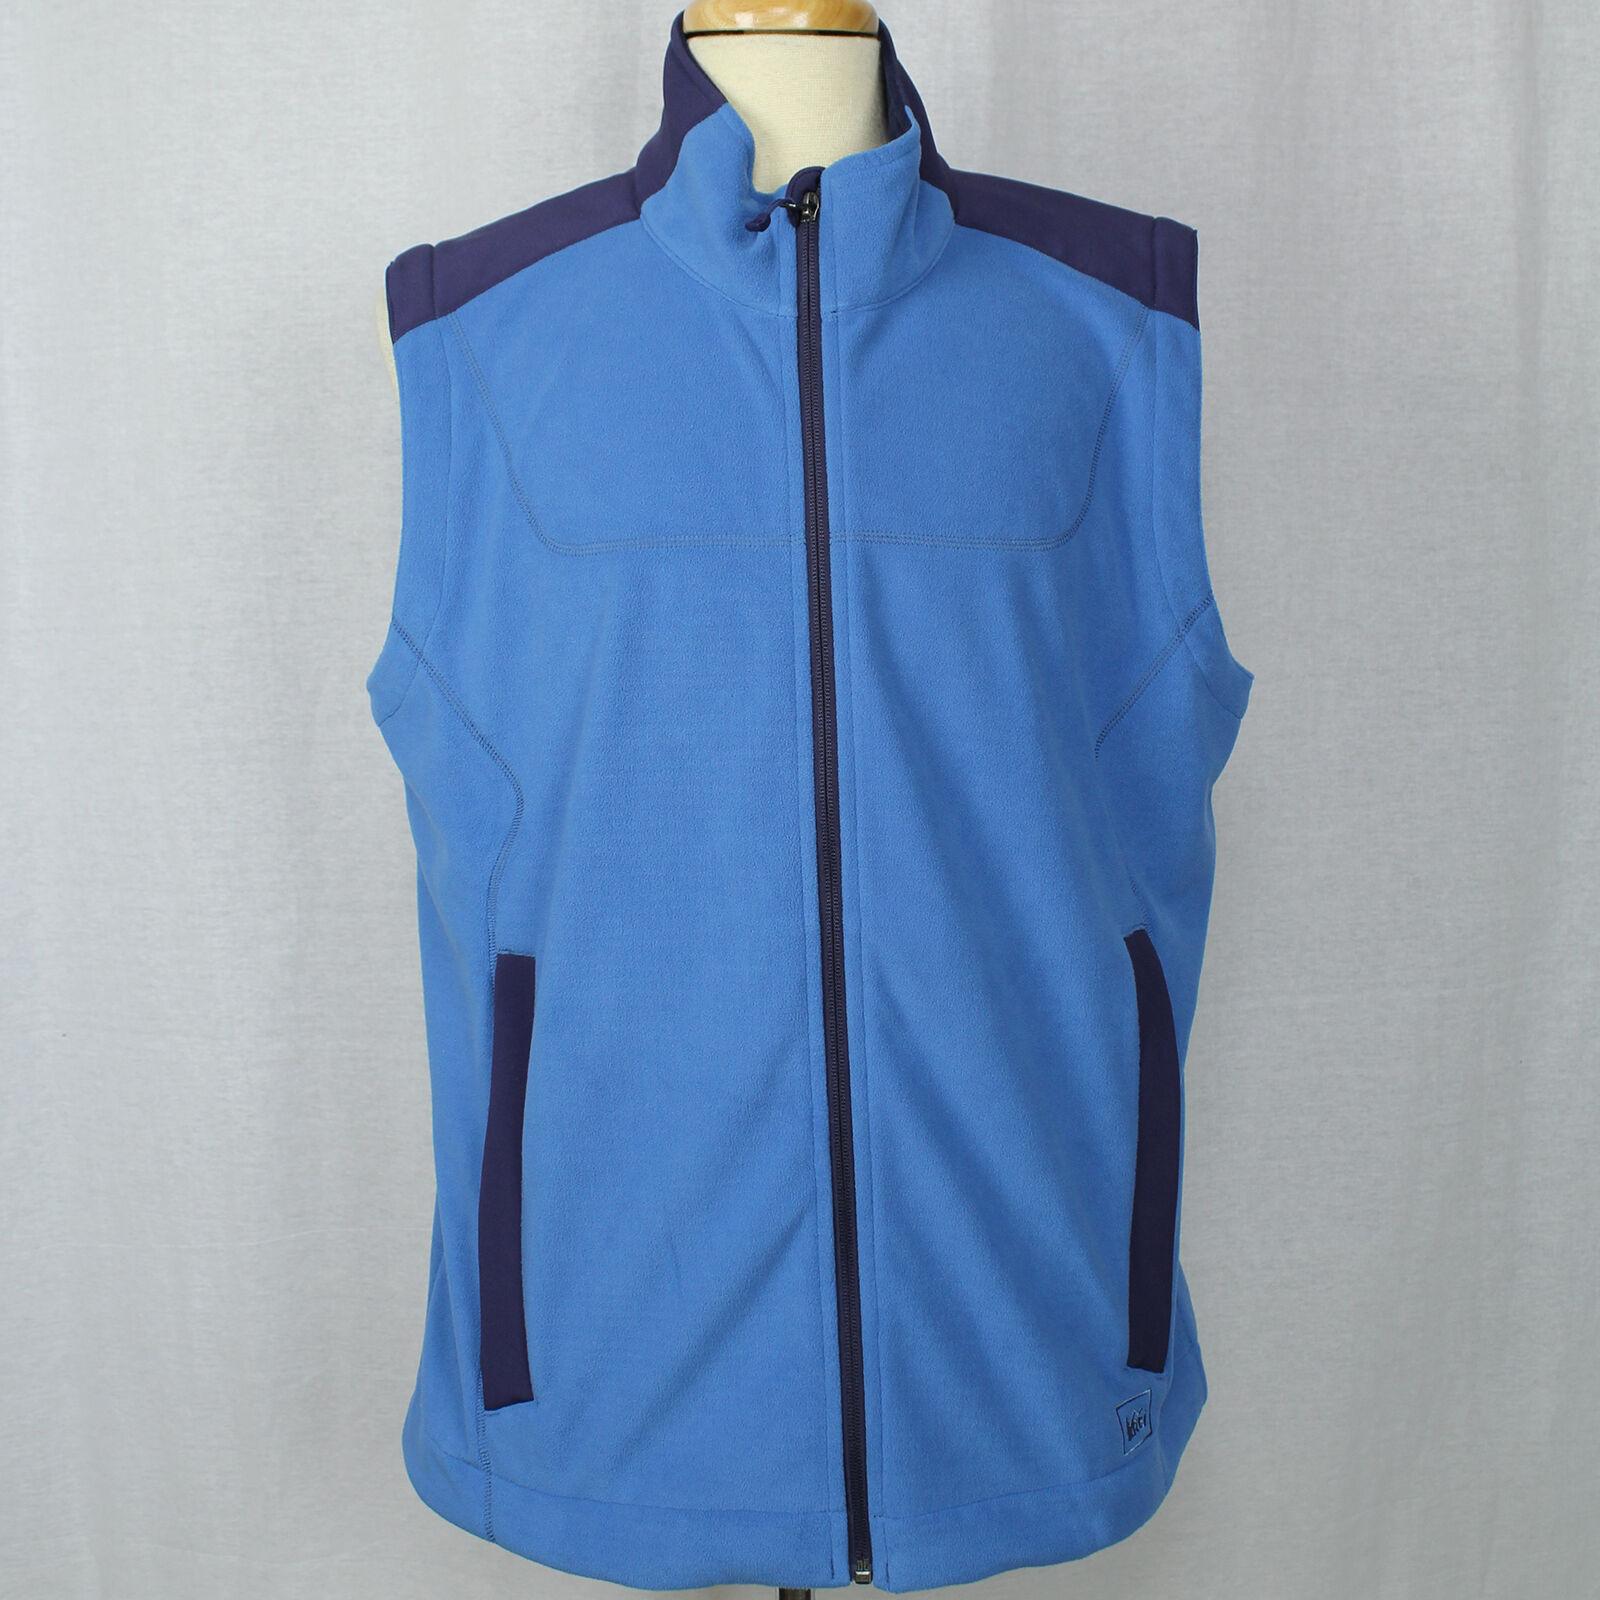 REI Men bluee Zip-Up Fleece Vest 100% Polyester Sz Large EUC